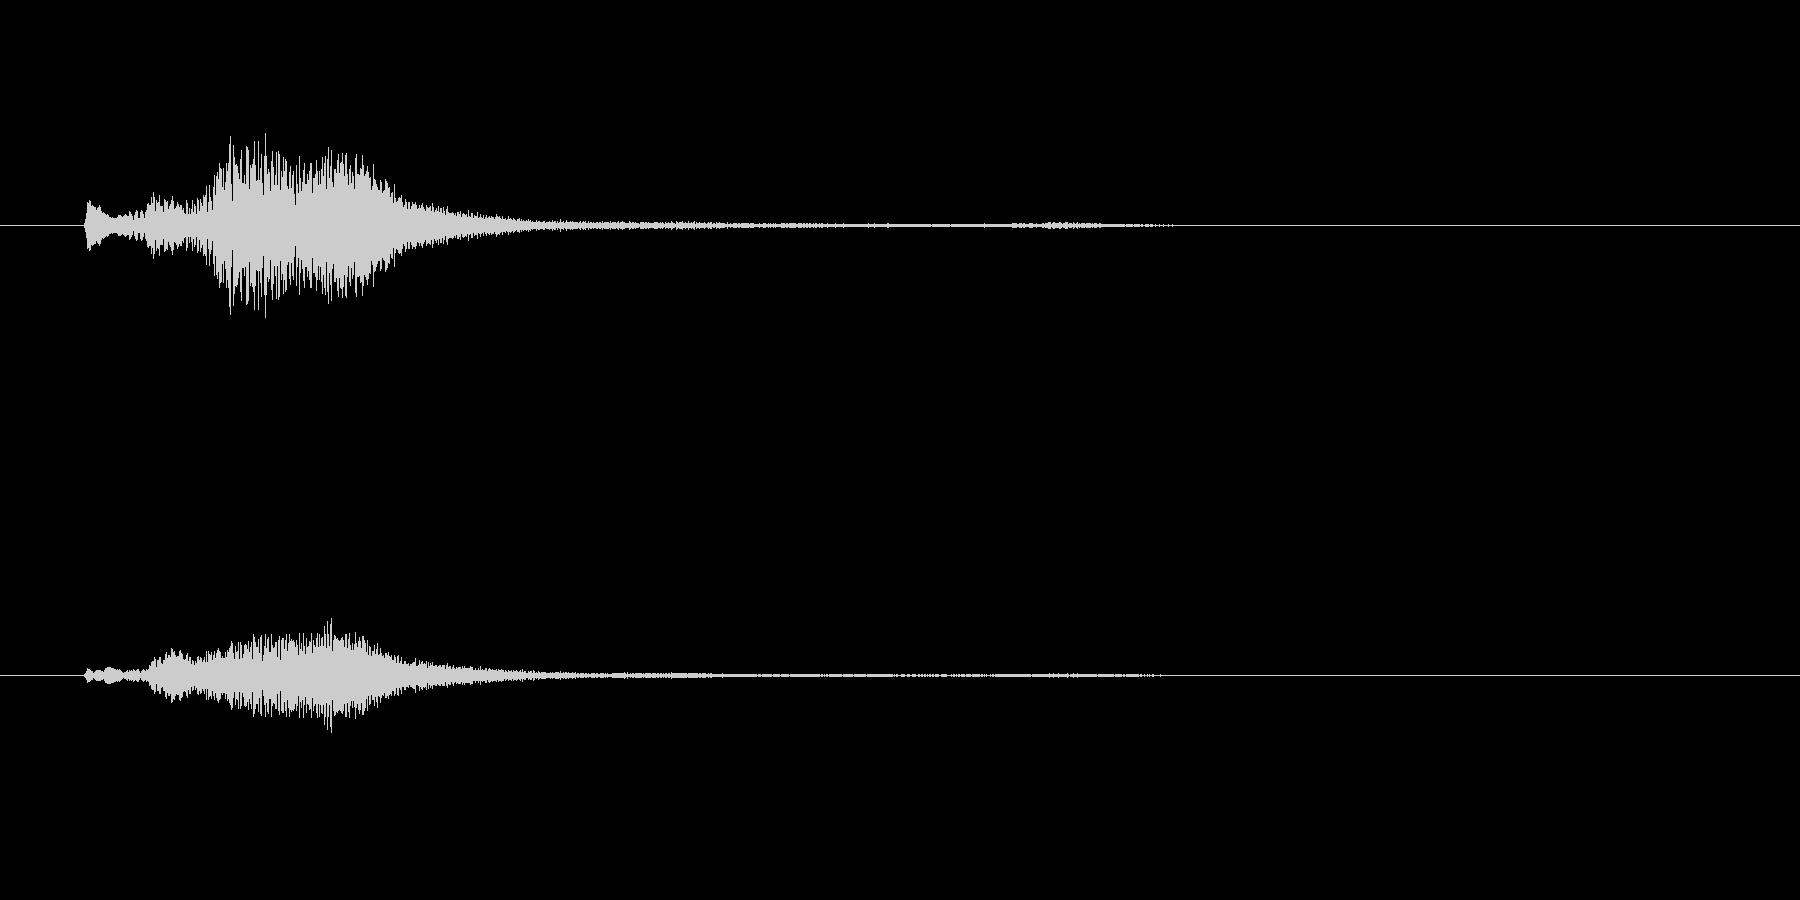 グランドハープのグリッサンド inAの未再生の波形